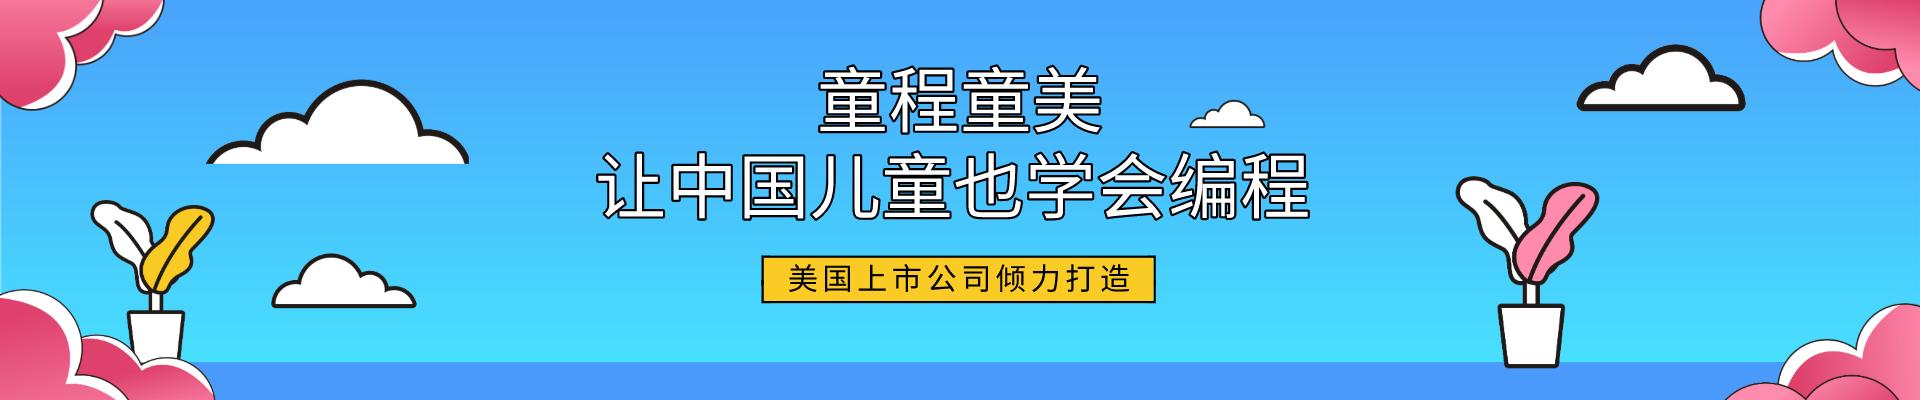 济南英雄山童程童美少儿编程培训